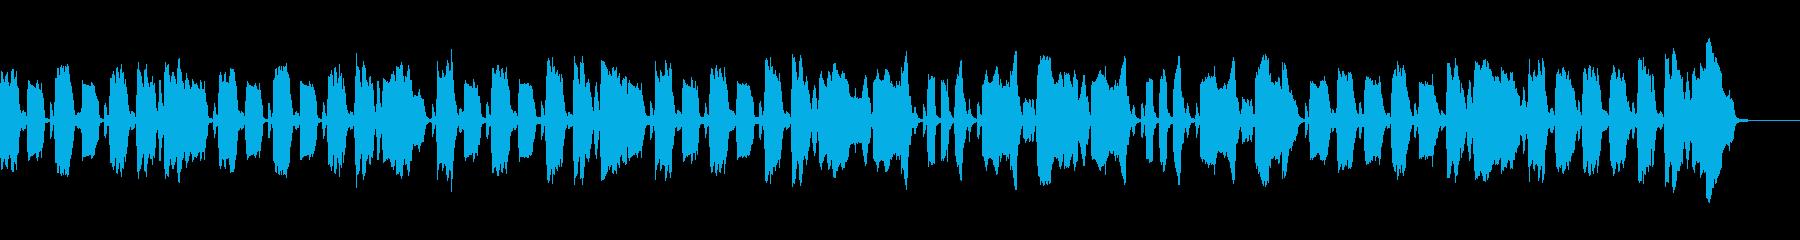 ほんわかとした呑気で平和な日常のBGMの再生済みの波形